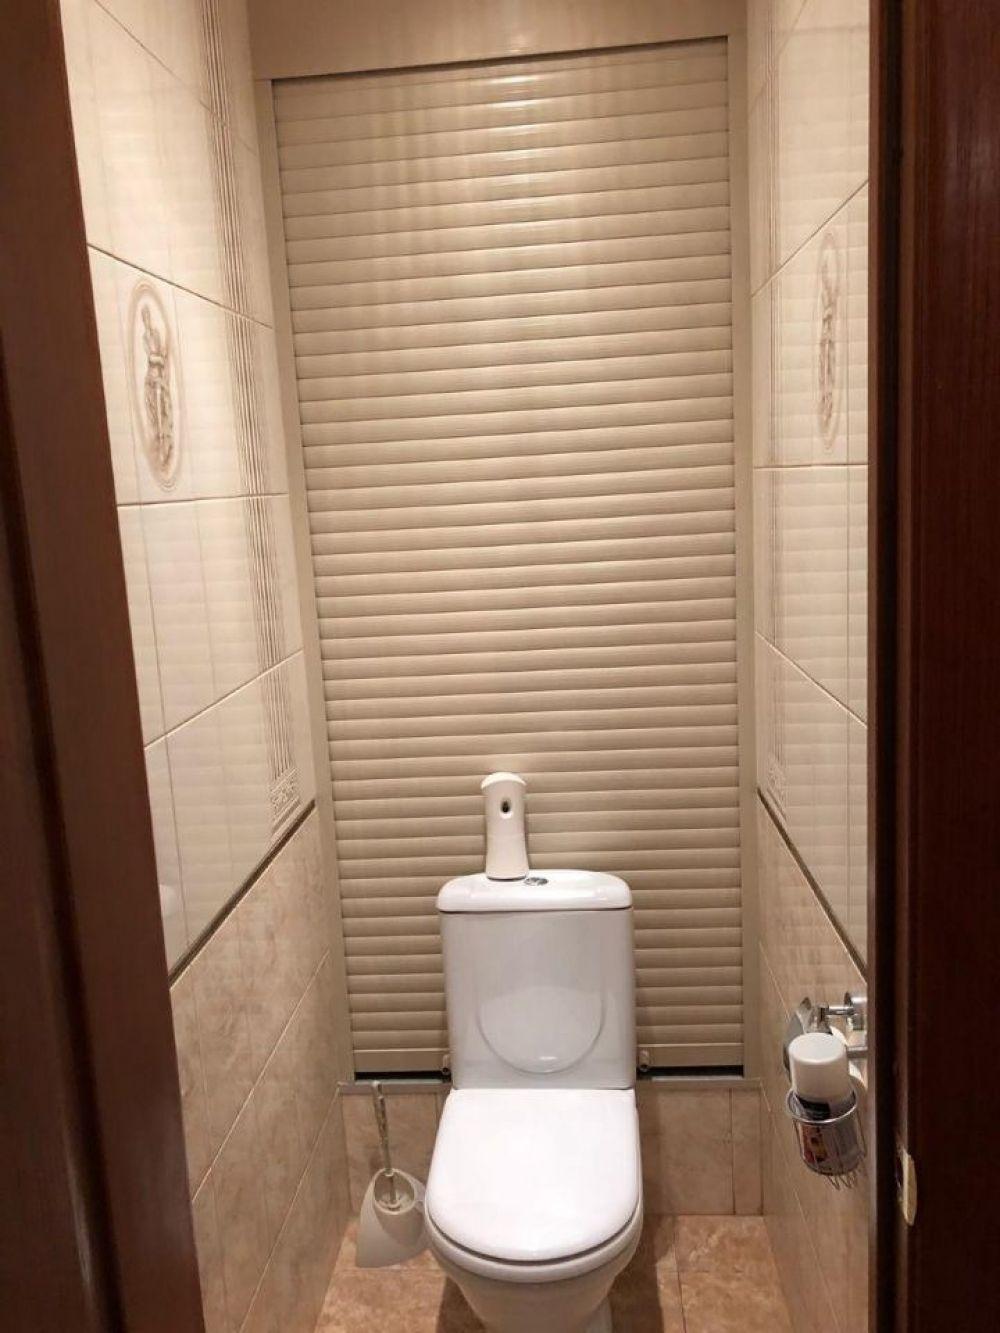 2-к квартира, Щёлково, Богородский 15, фото 8